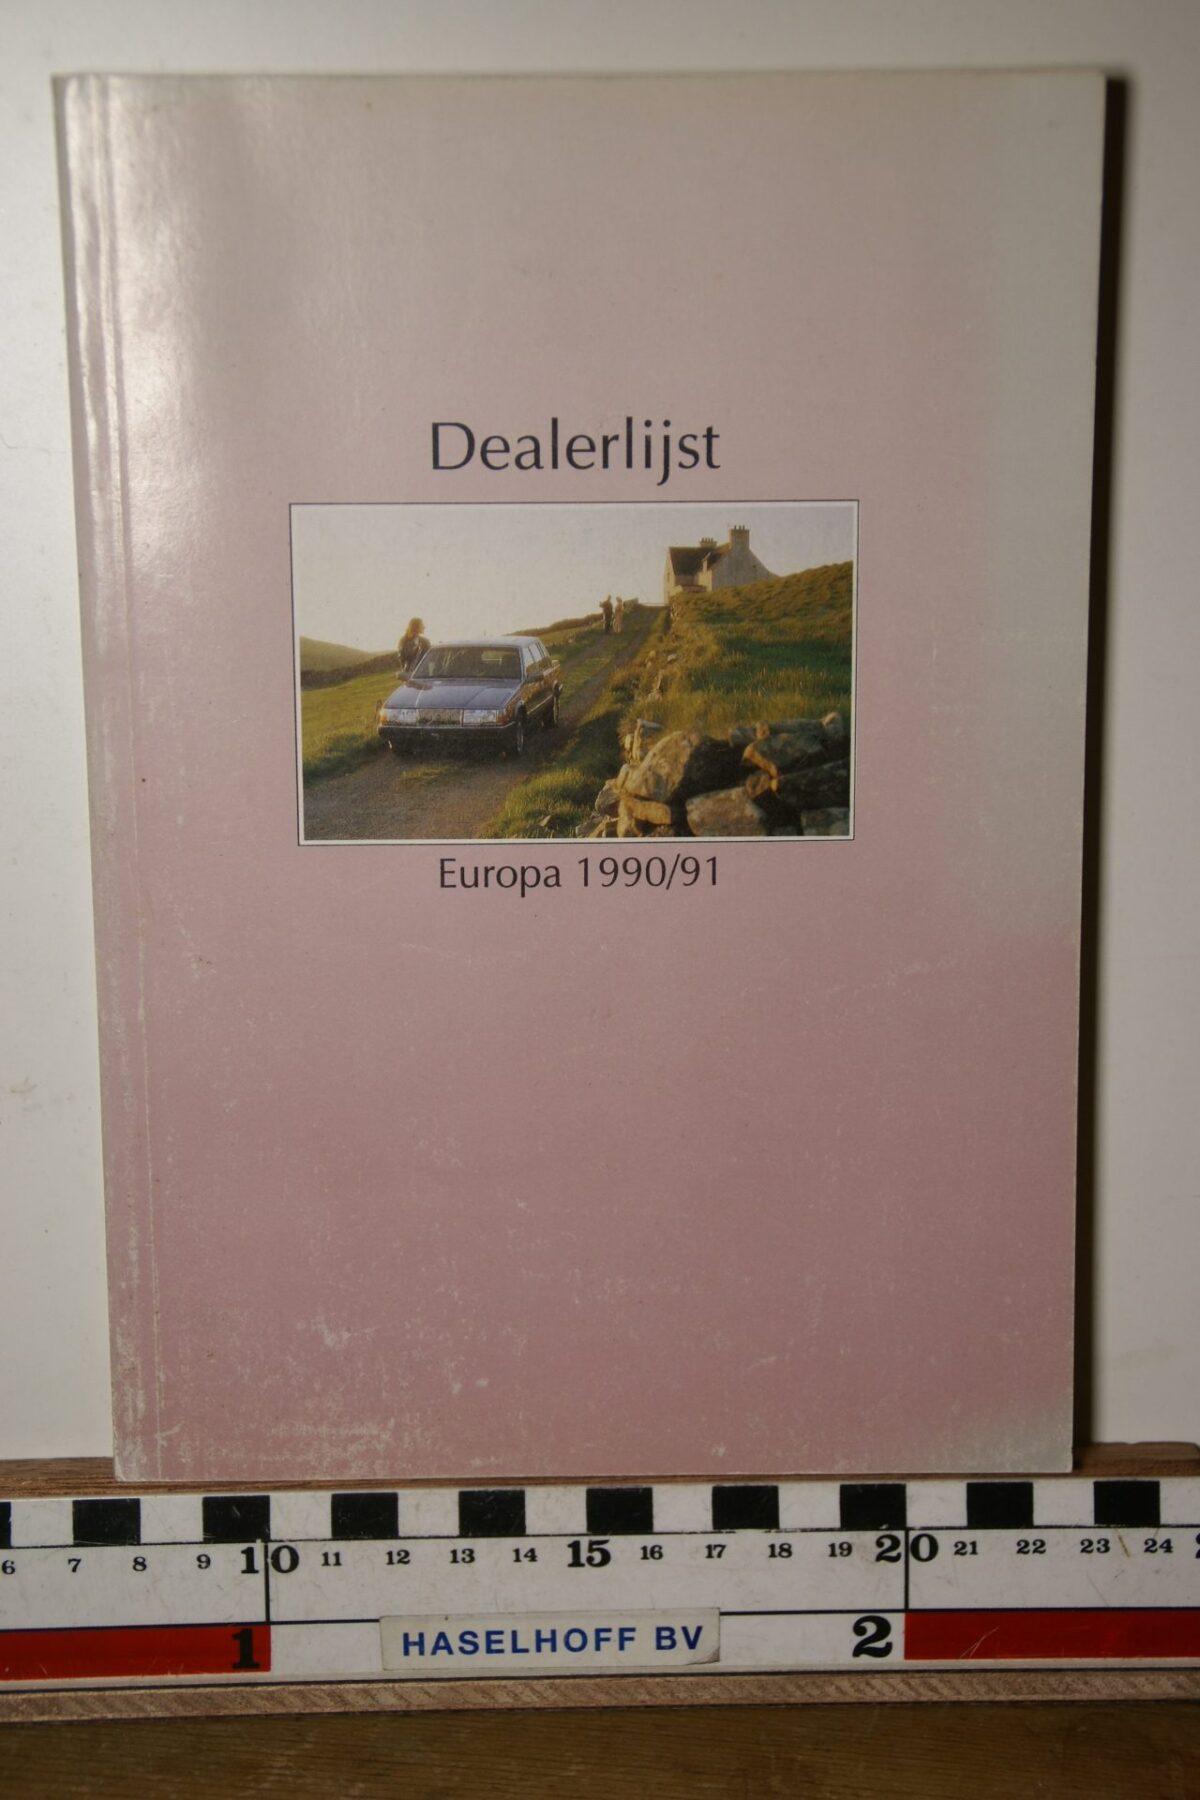 DSC02495 1990 1991 boekje Volvo dealers MSPV 4548